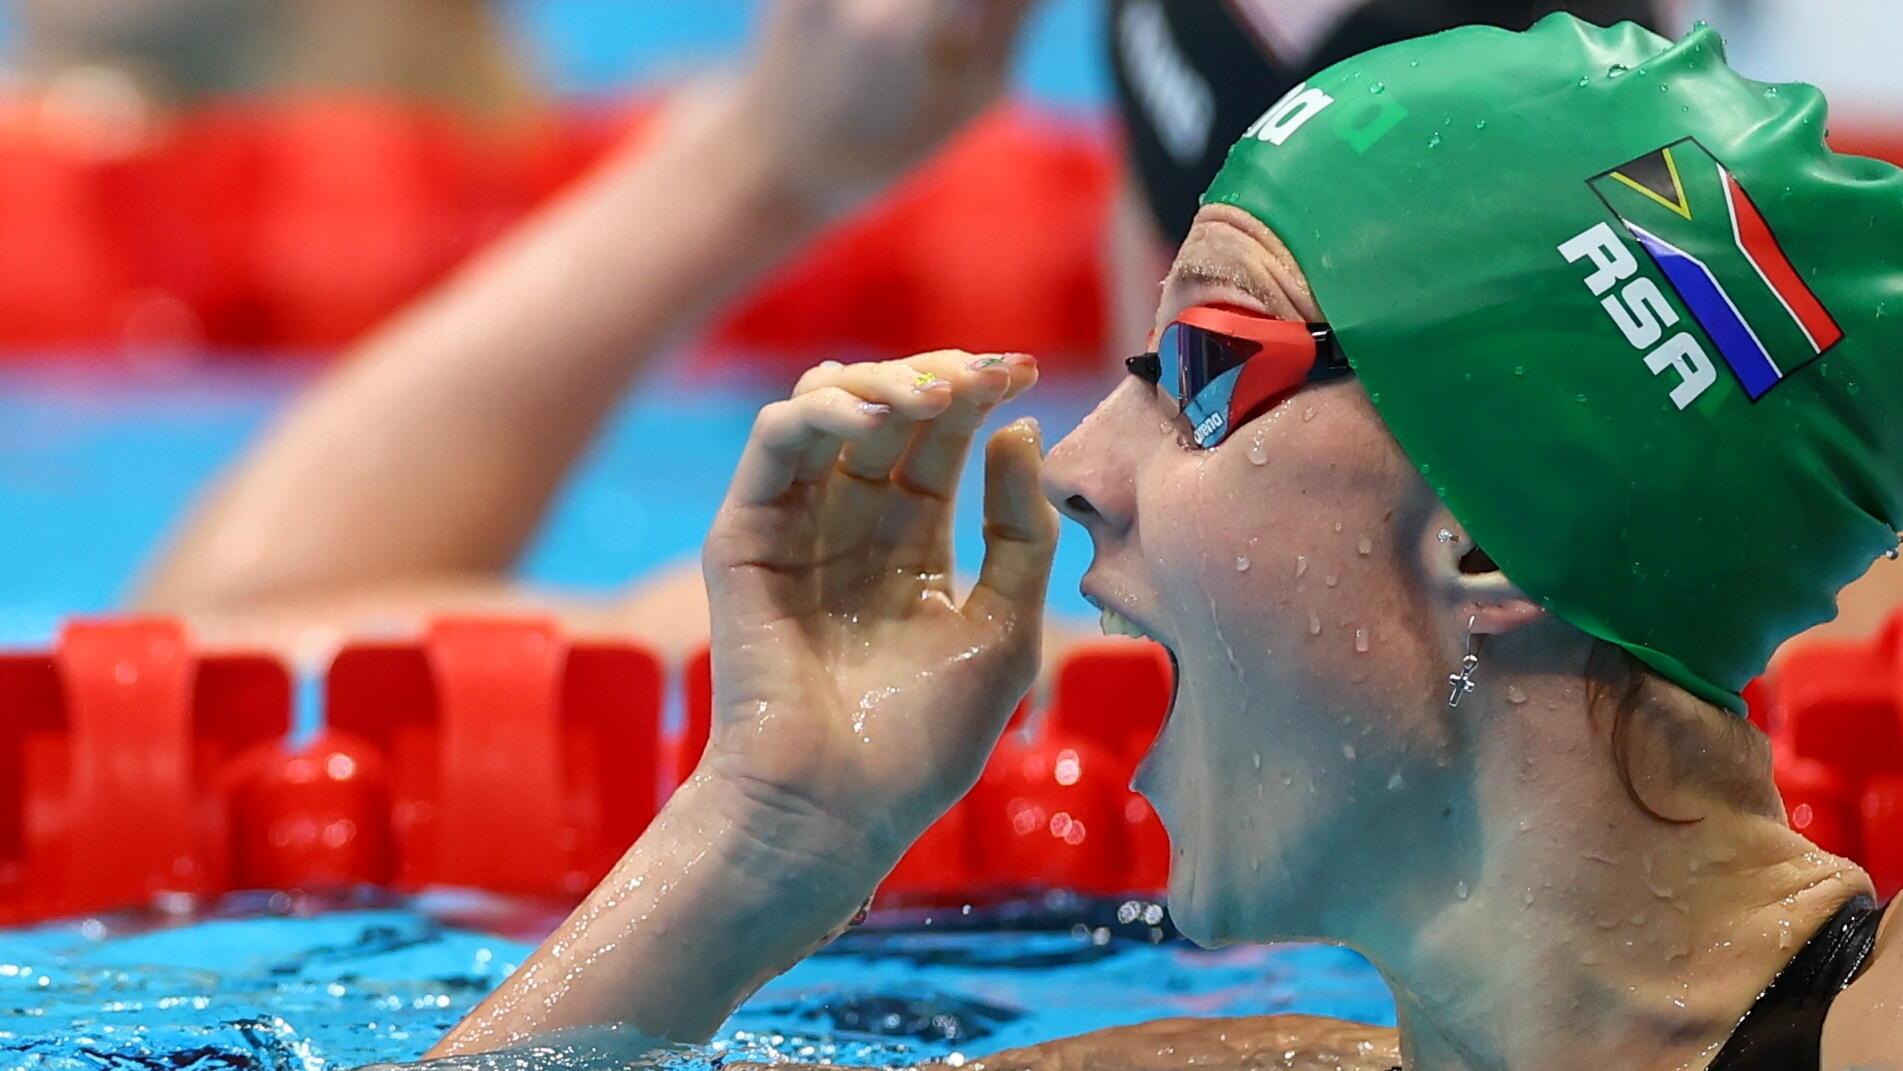 La nageuse sud-africaine Kaylene Corbett après sa demi-finale du 200 mètres brasse, aux Jeux olympiques de Tokyo le 29 juillet.